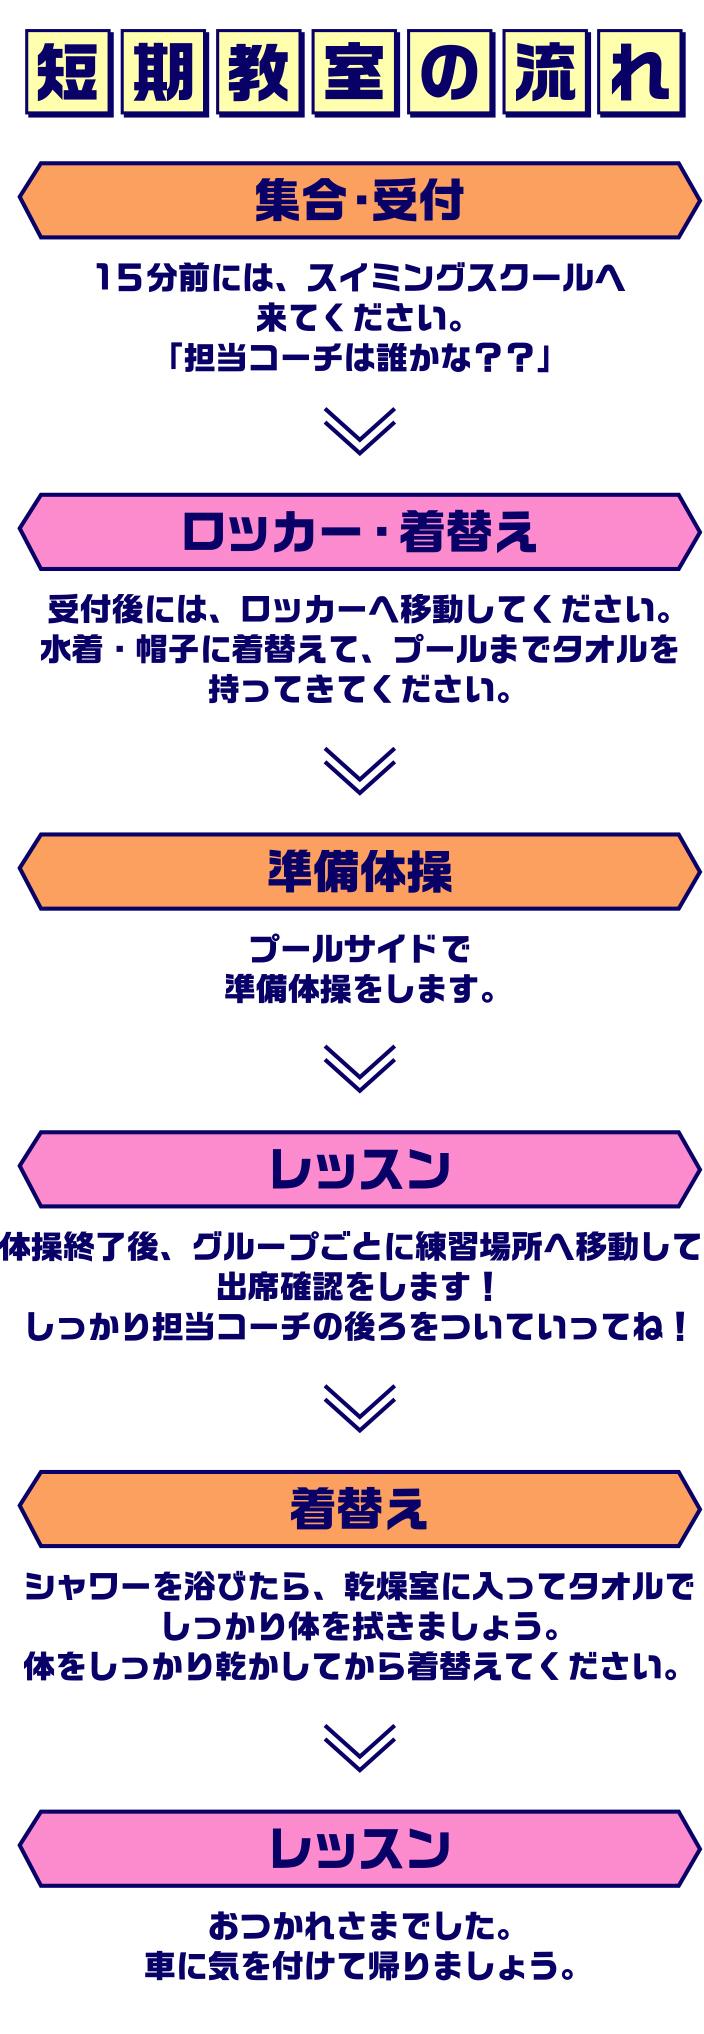 cv-case-ch-20h_d-12-2